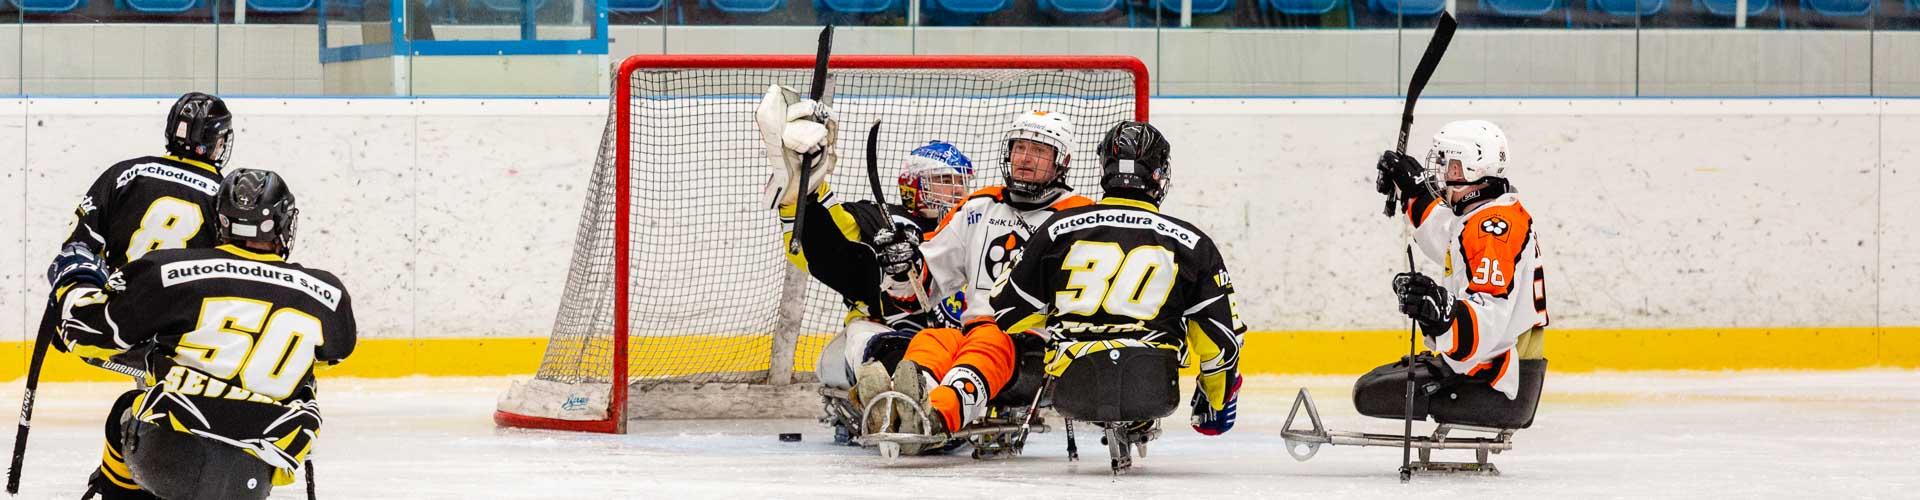 Hráči sledge hokeje dalvají gol.